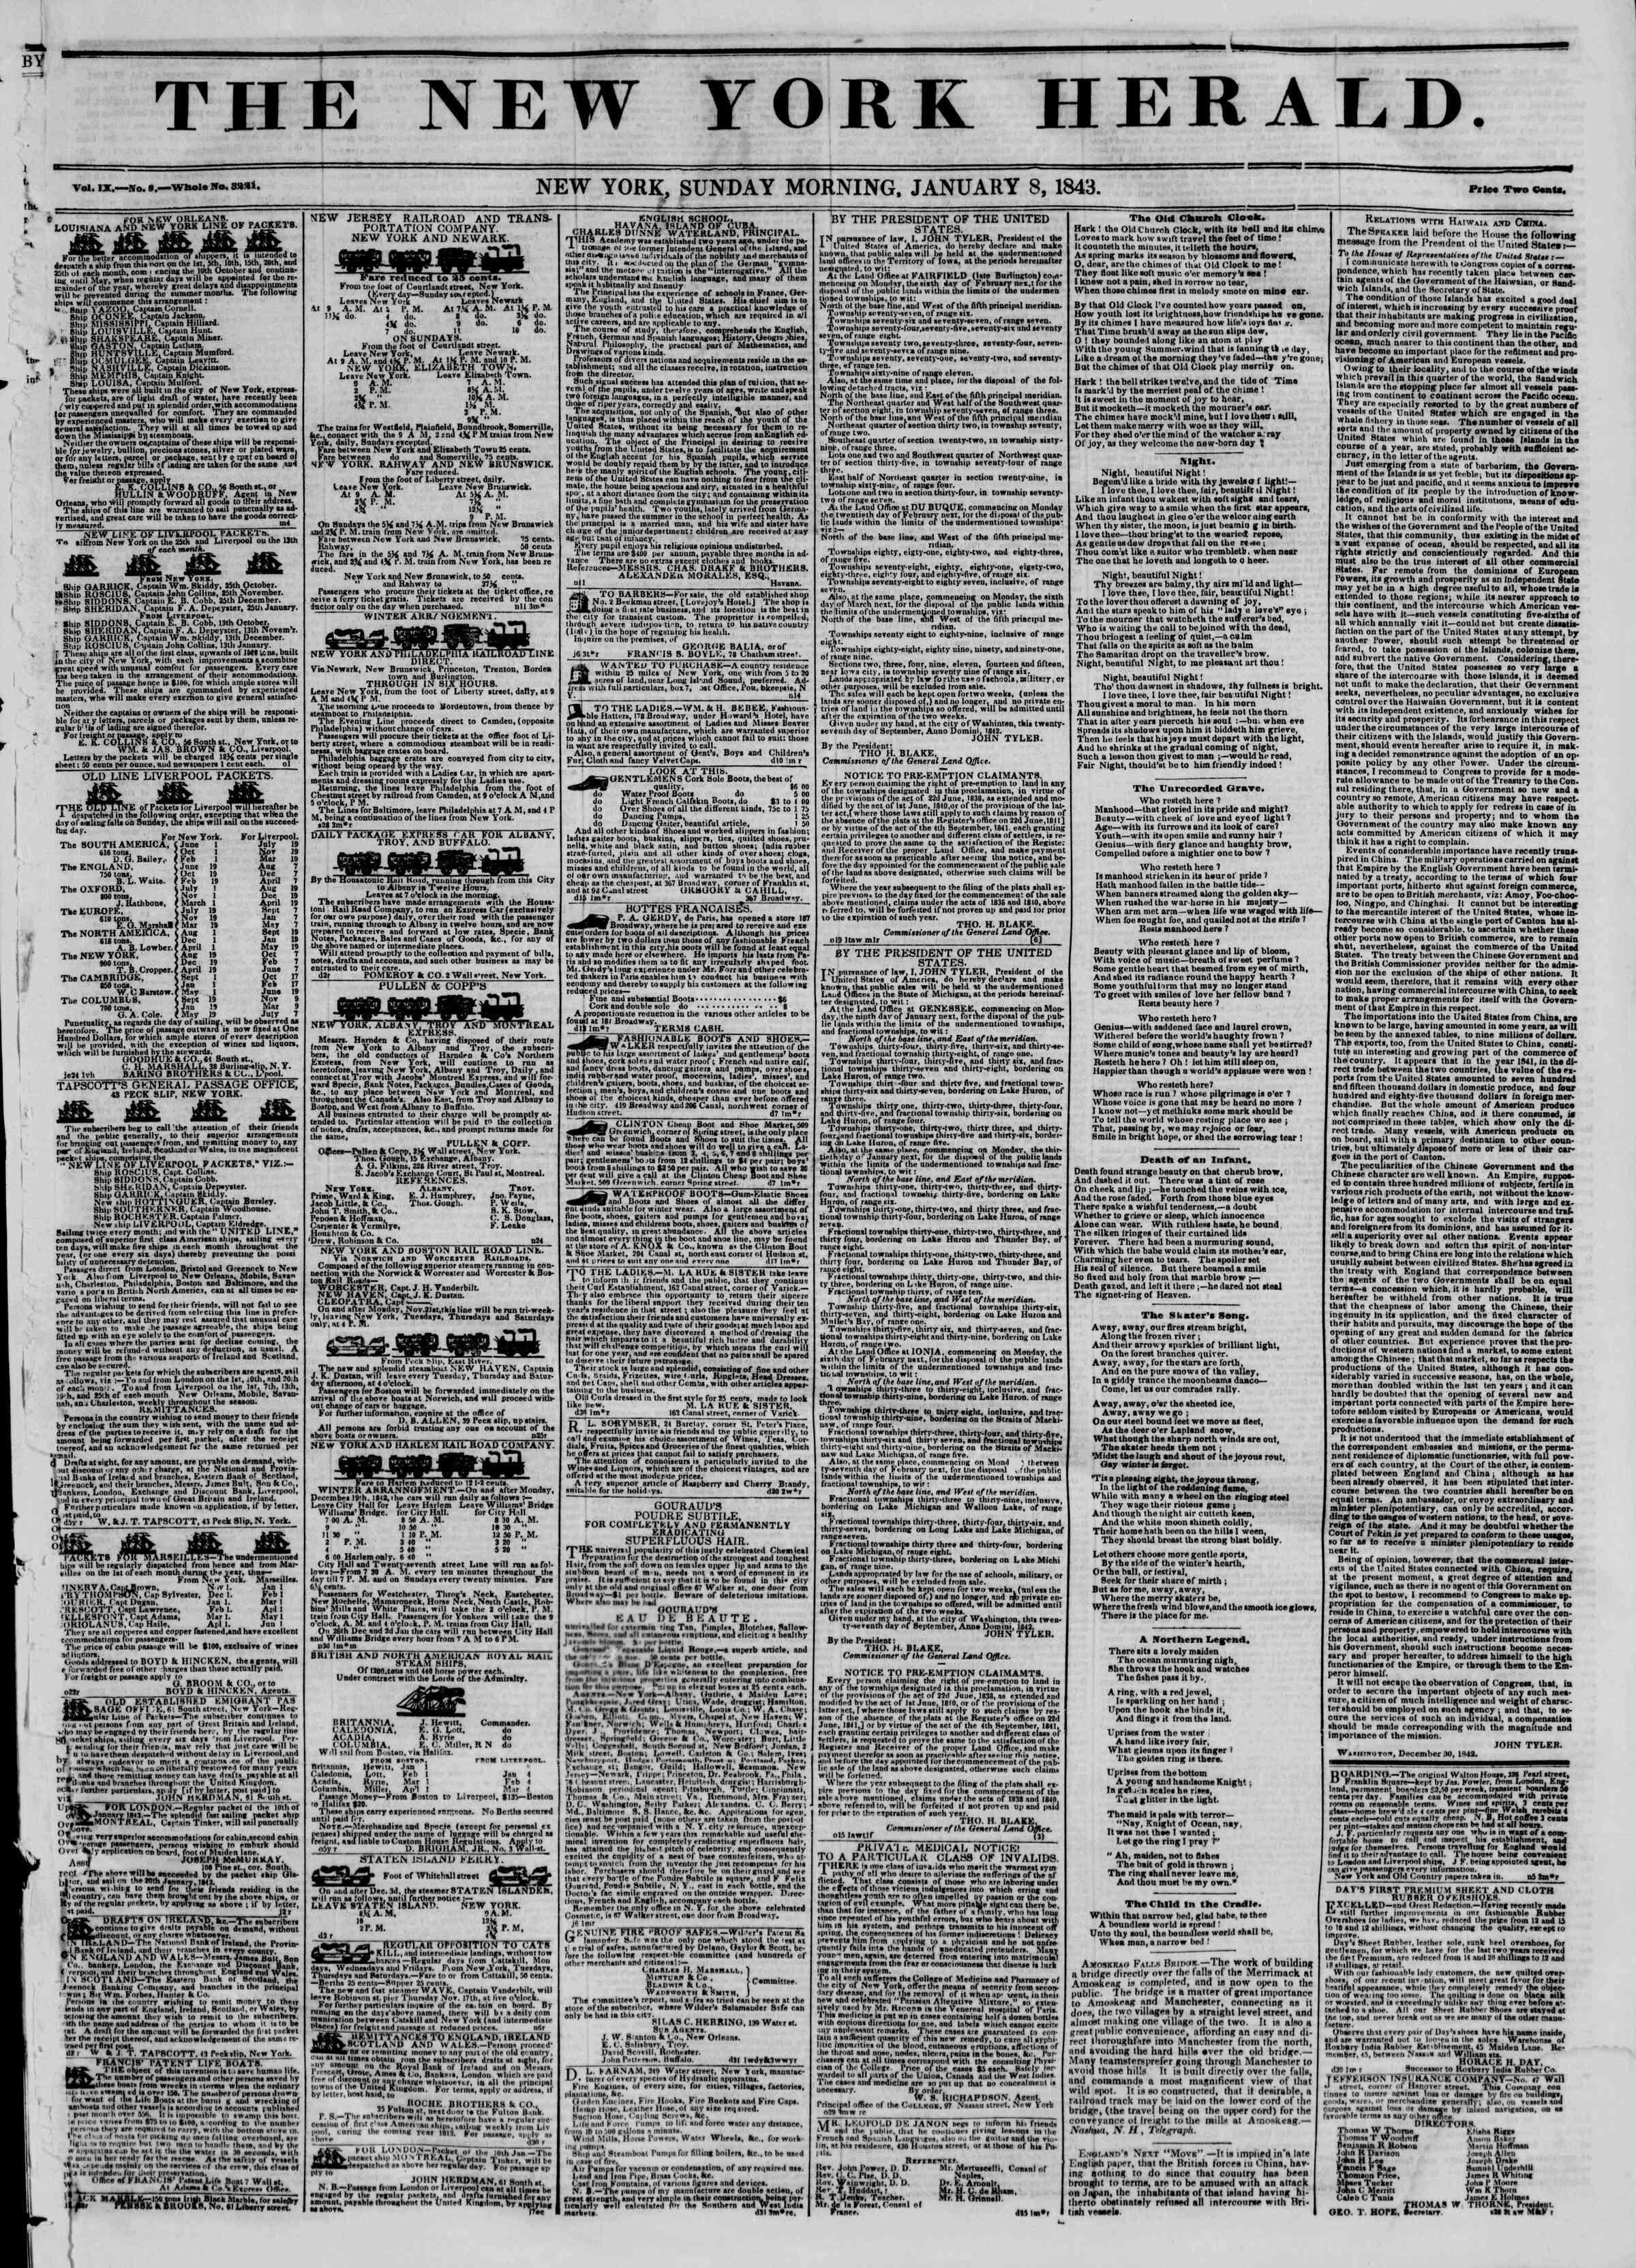 January 8, 1843 Tarihli The New York Herald Gazetesi Sayfa 1